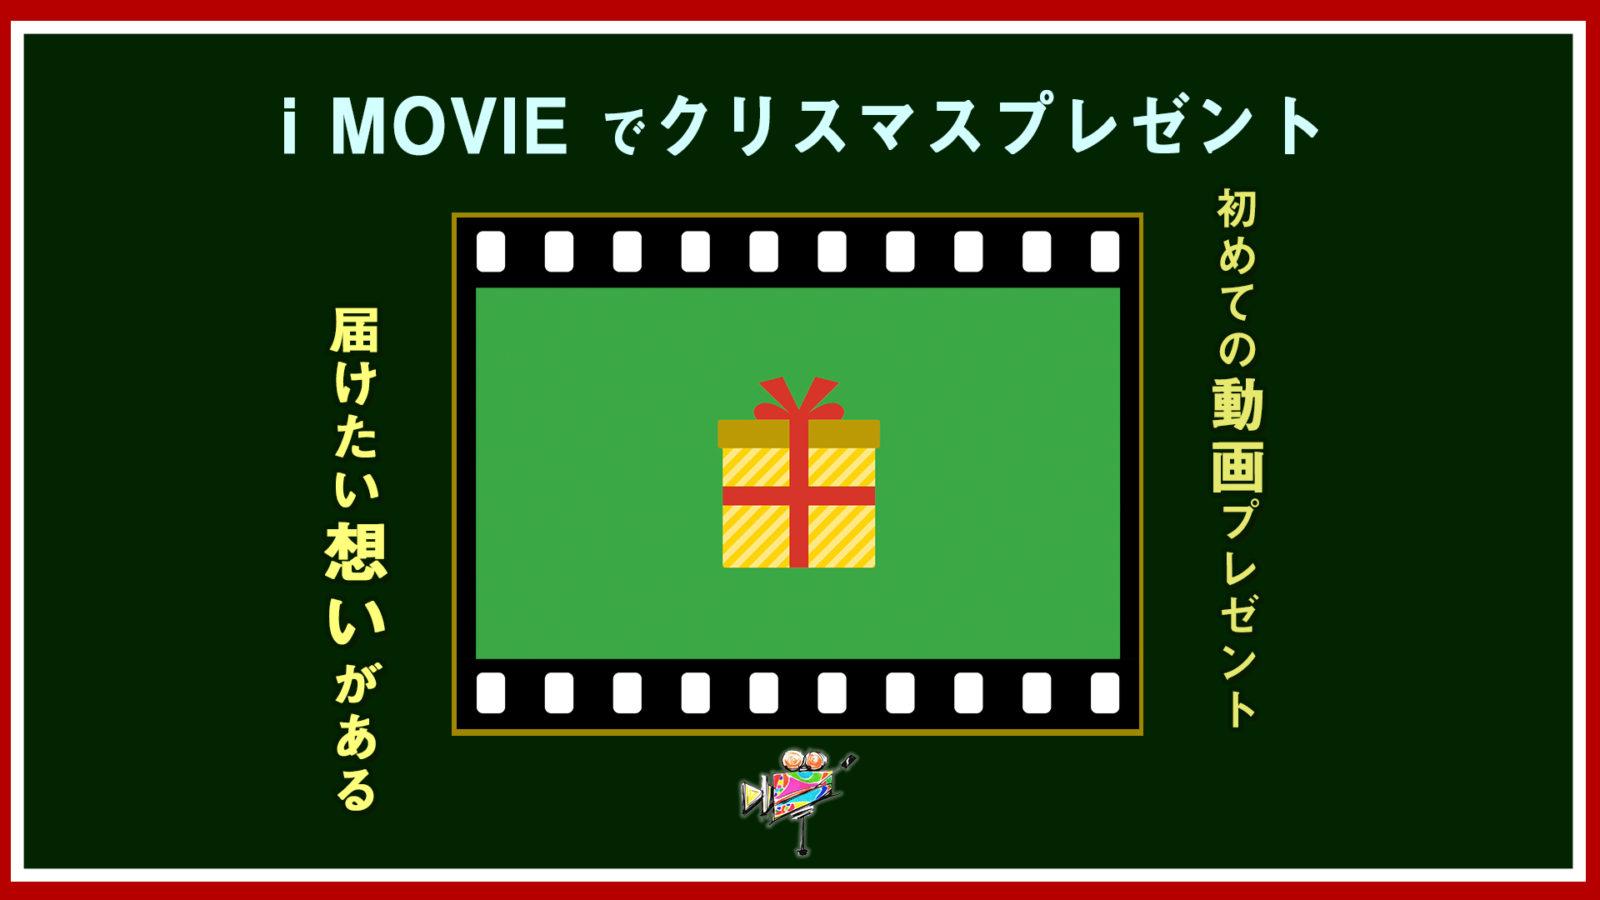 ストアカ_クリスマス動画_midori